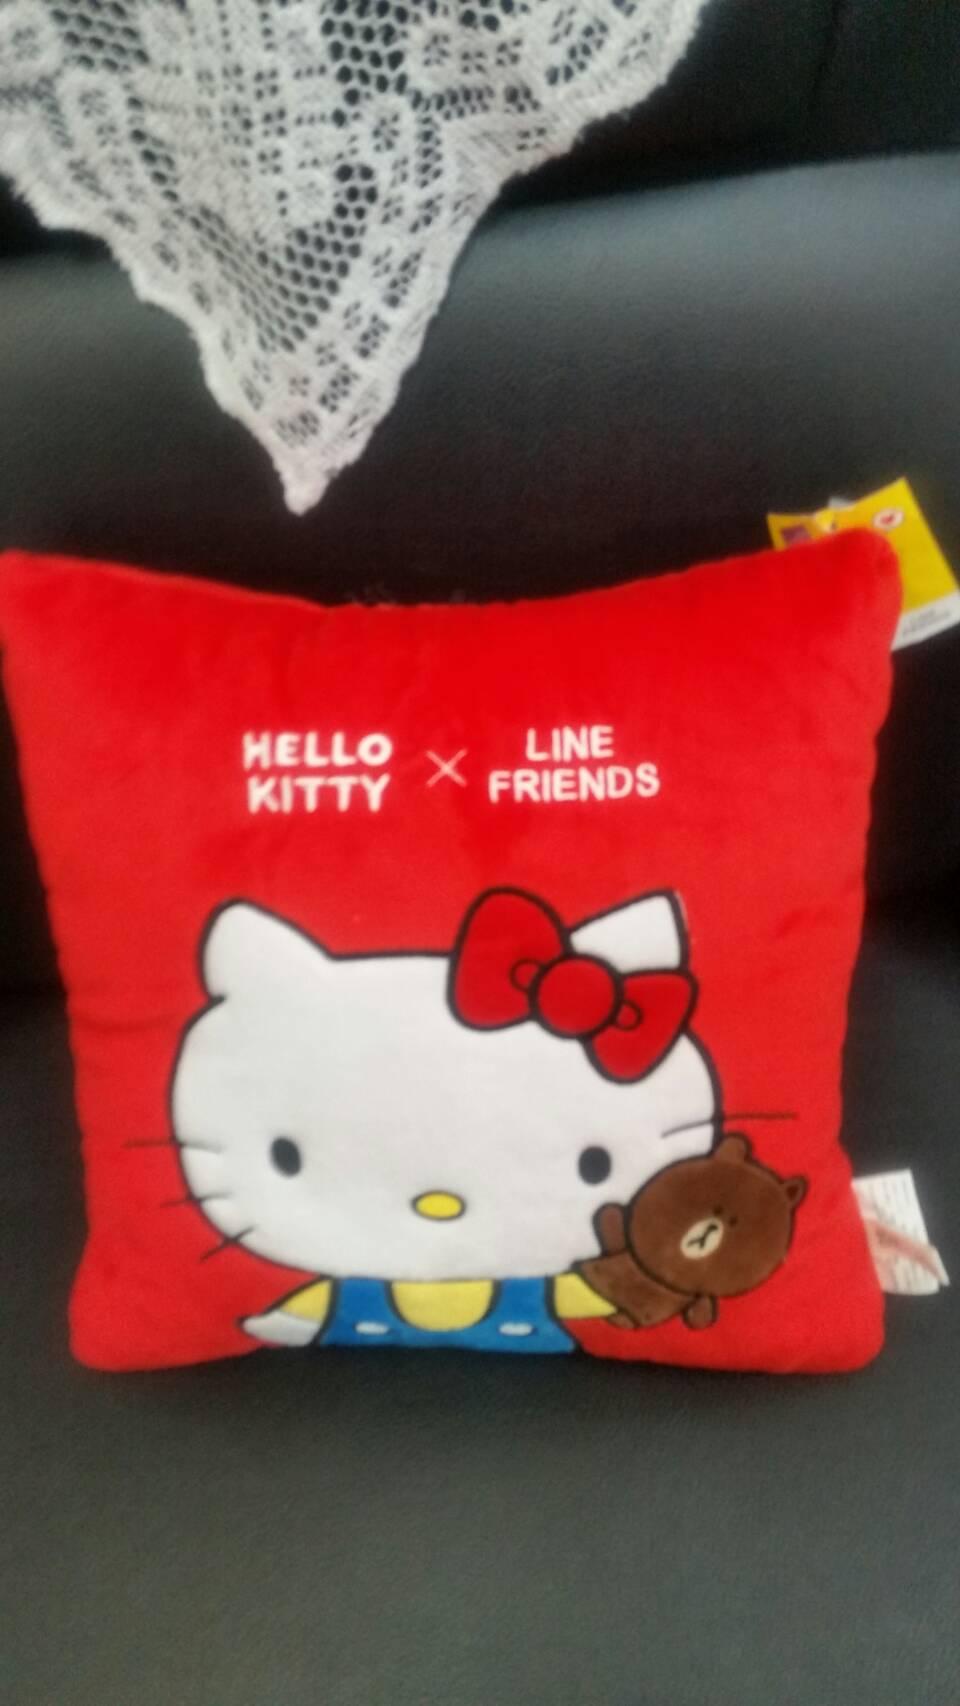 正版授權 KITTY & LINE 聯名款 方型抱枕 躺枕 超可愛 送禮自用 擺設皆可